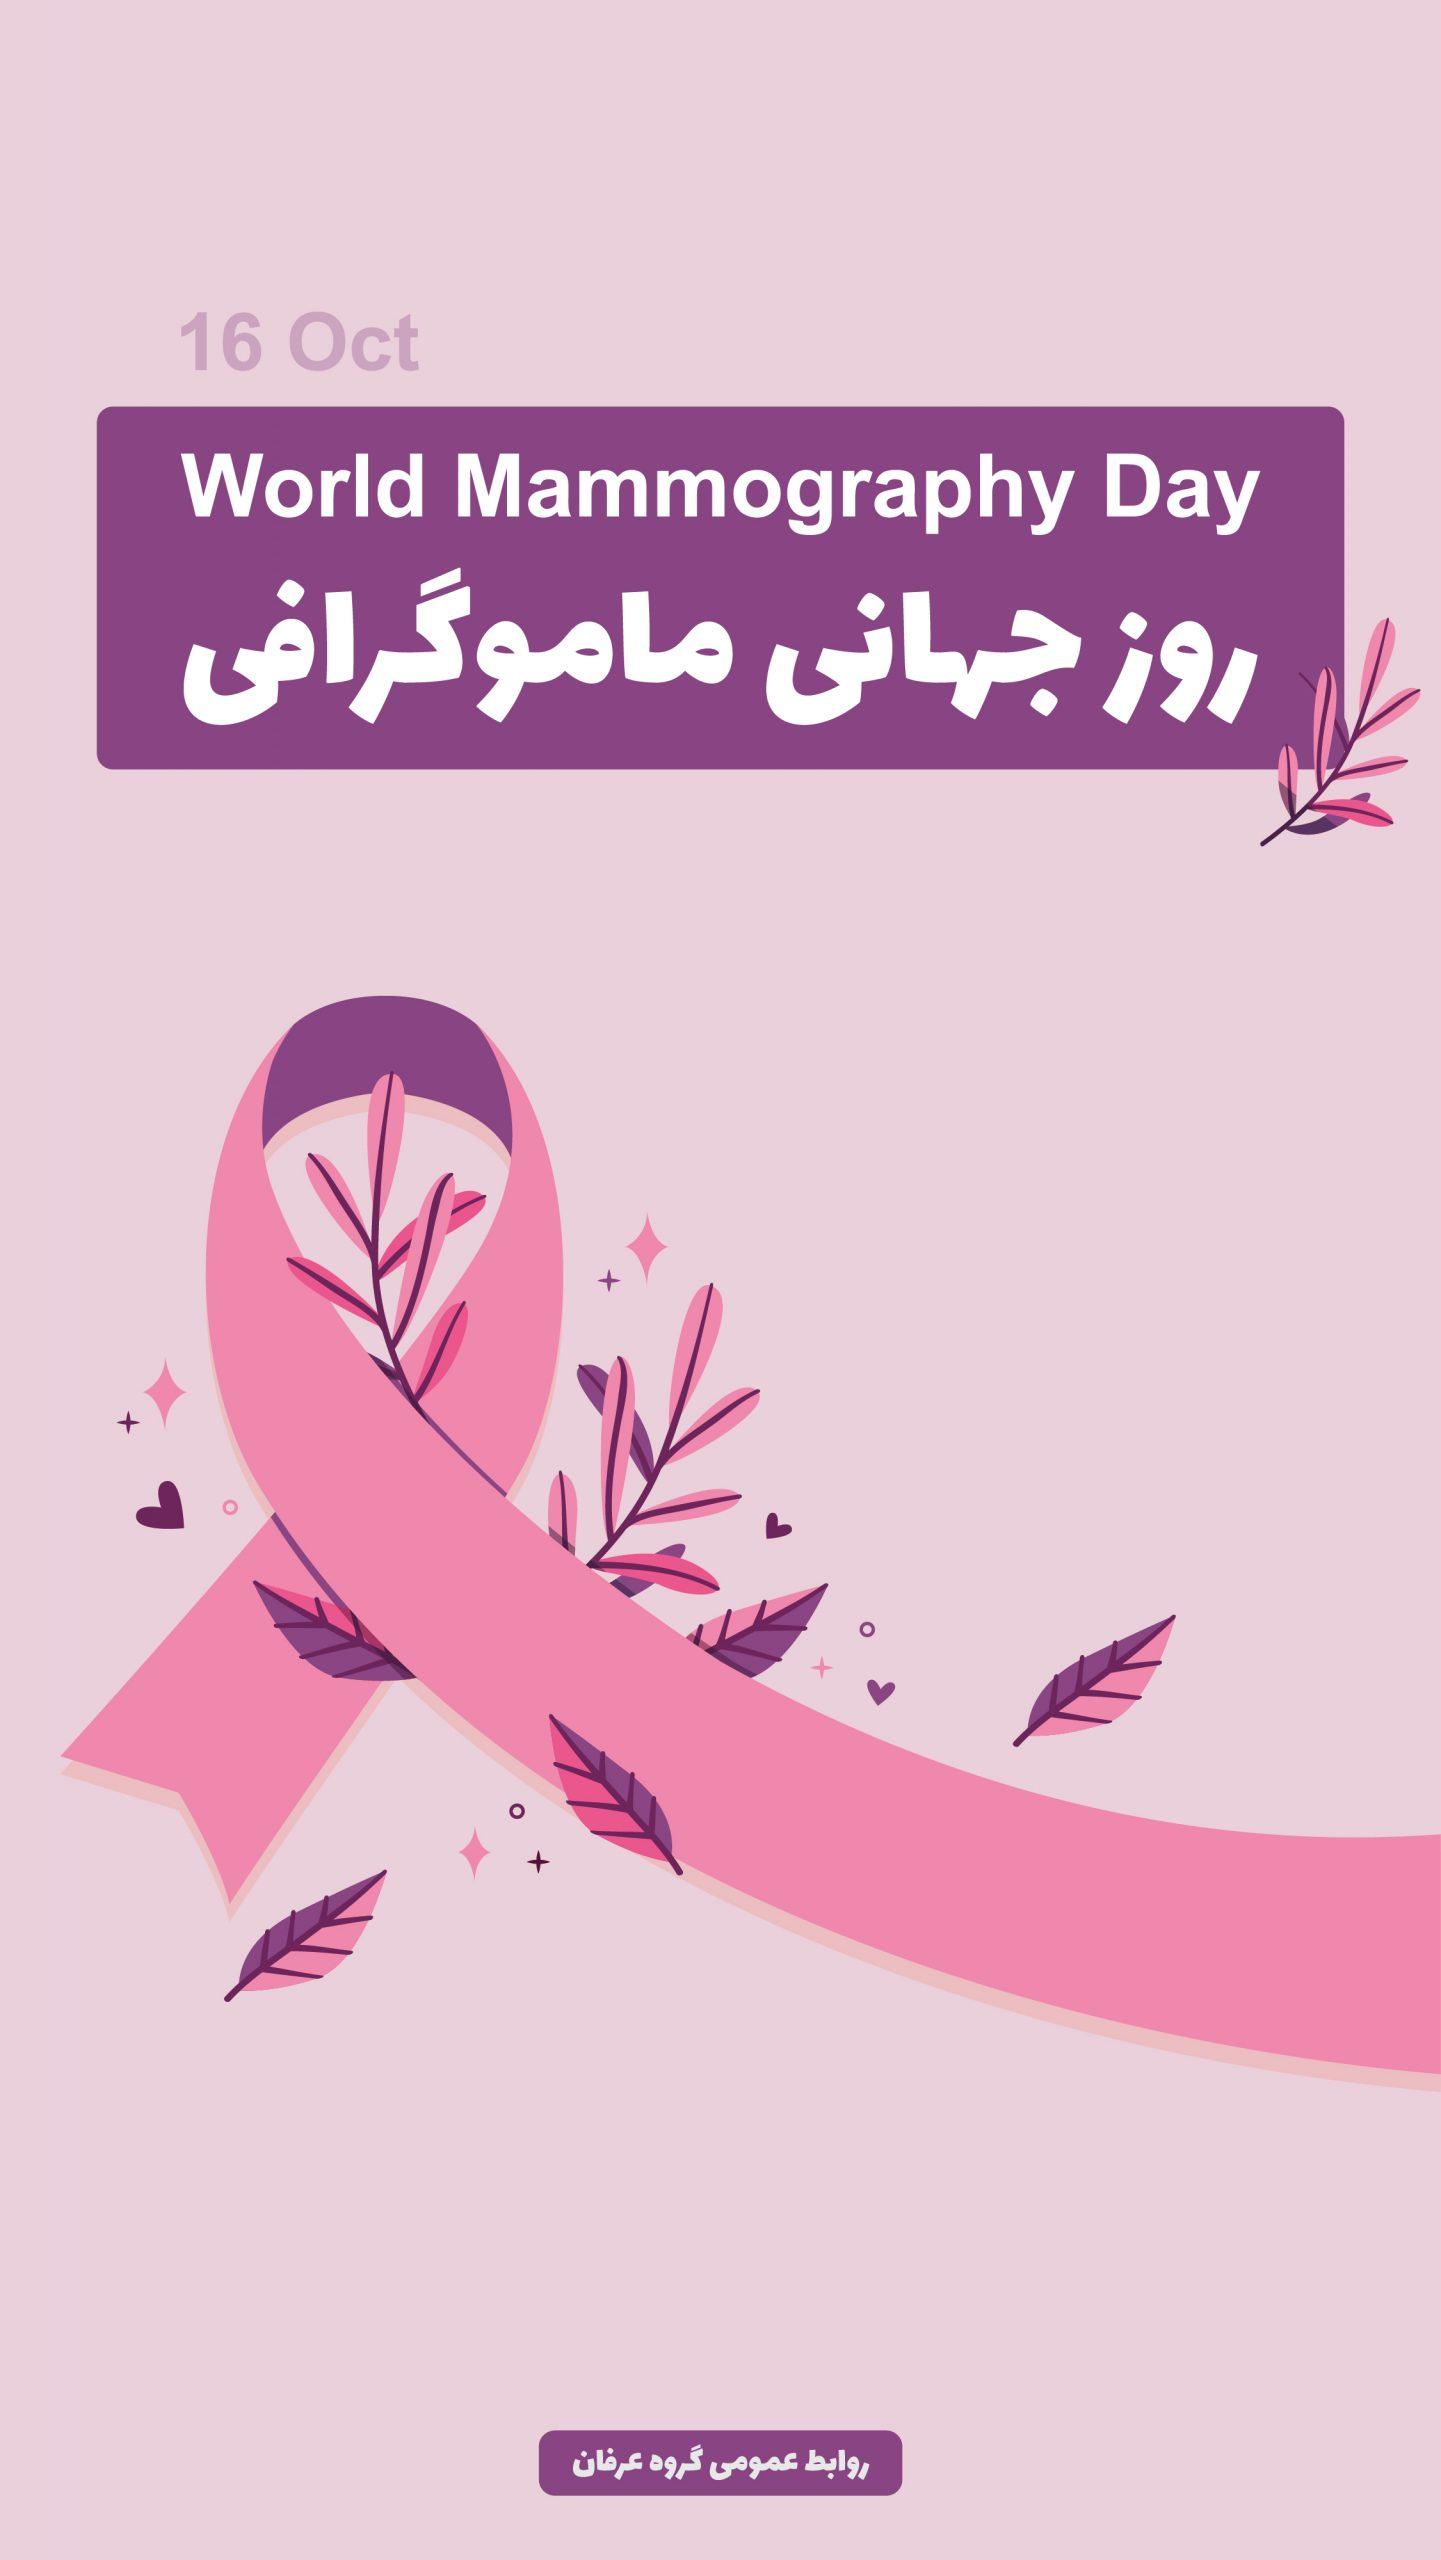 روز جهانی ماموگرافی